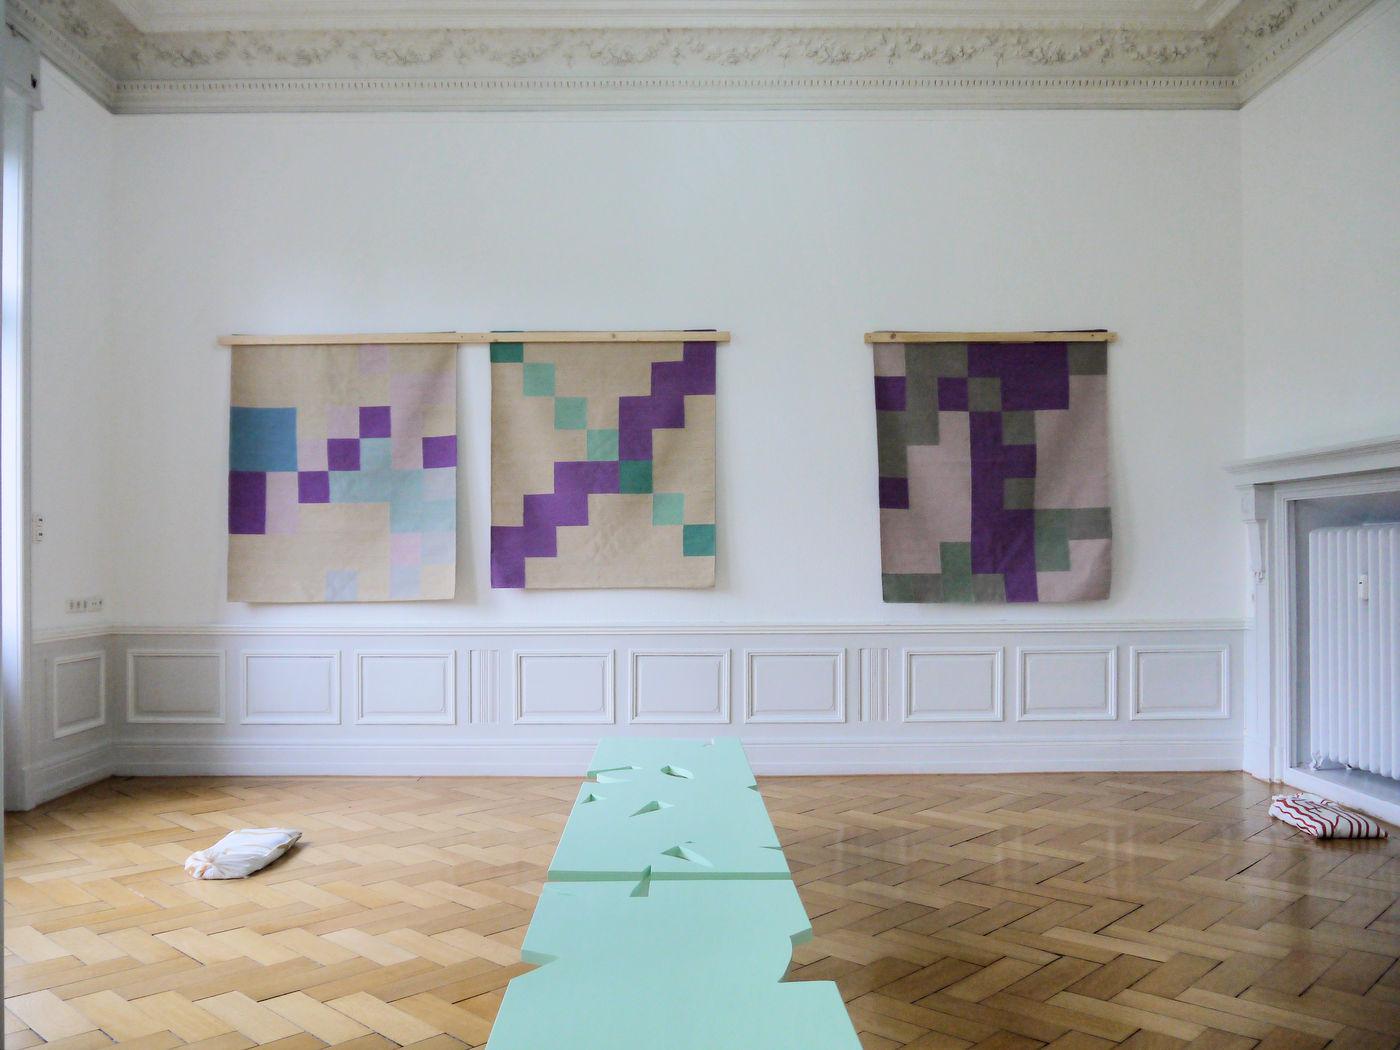 Salon Kennedy_Andy Boot_exhibition e4 e5_Frankfurt_Contemporary Art_Cultural Avenue2